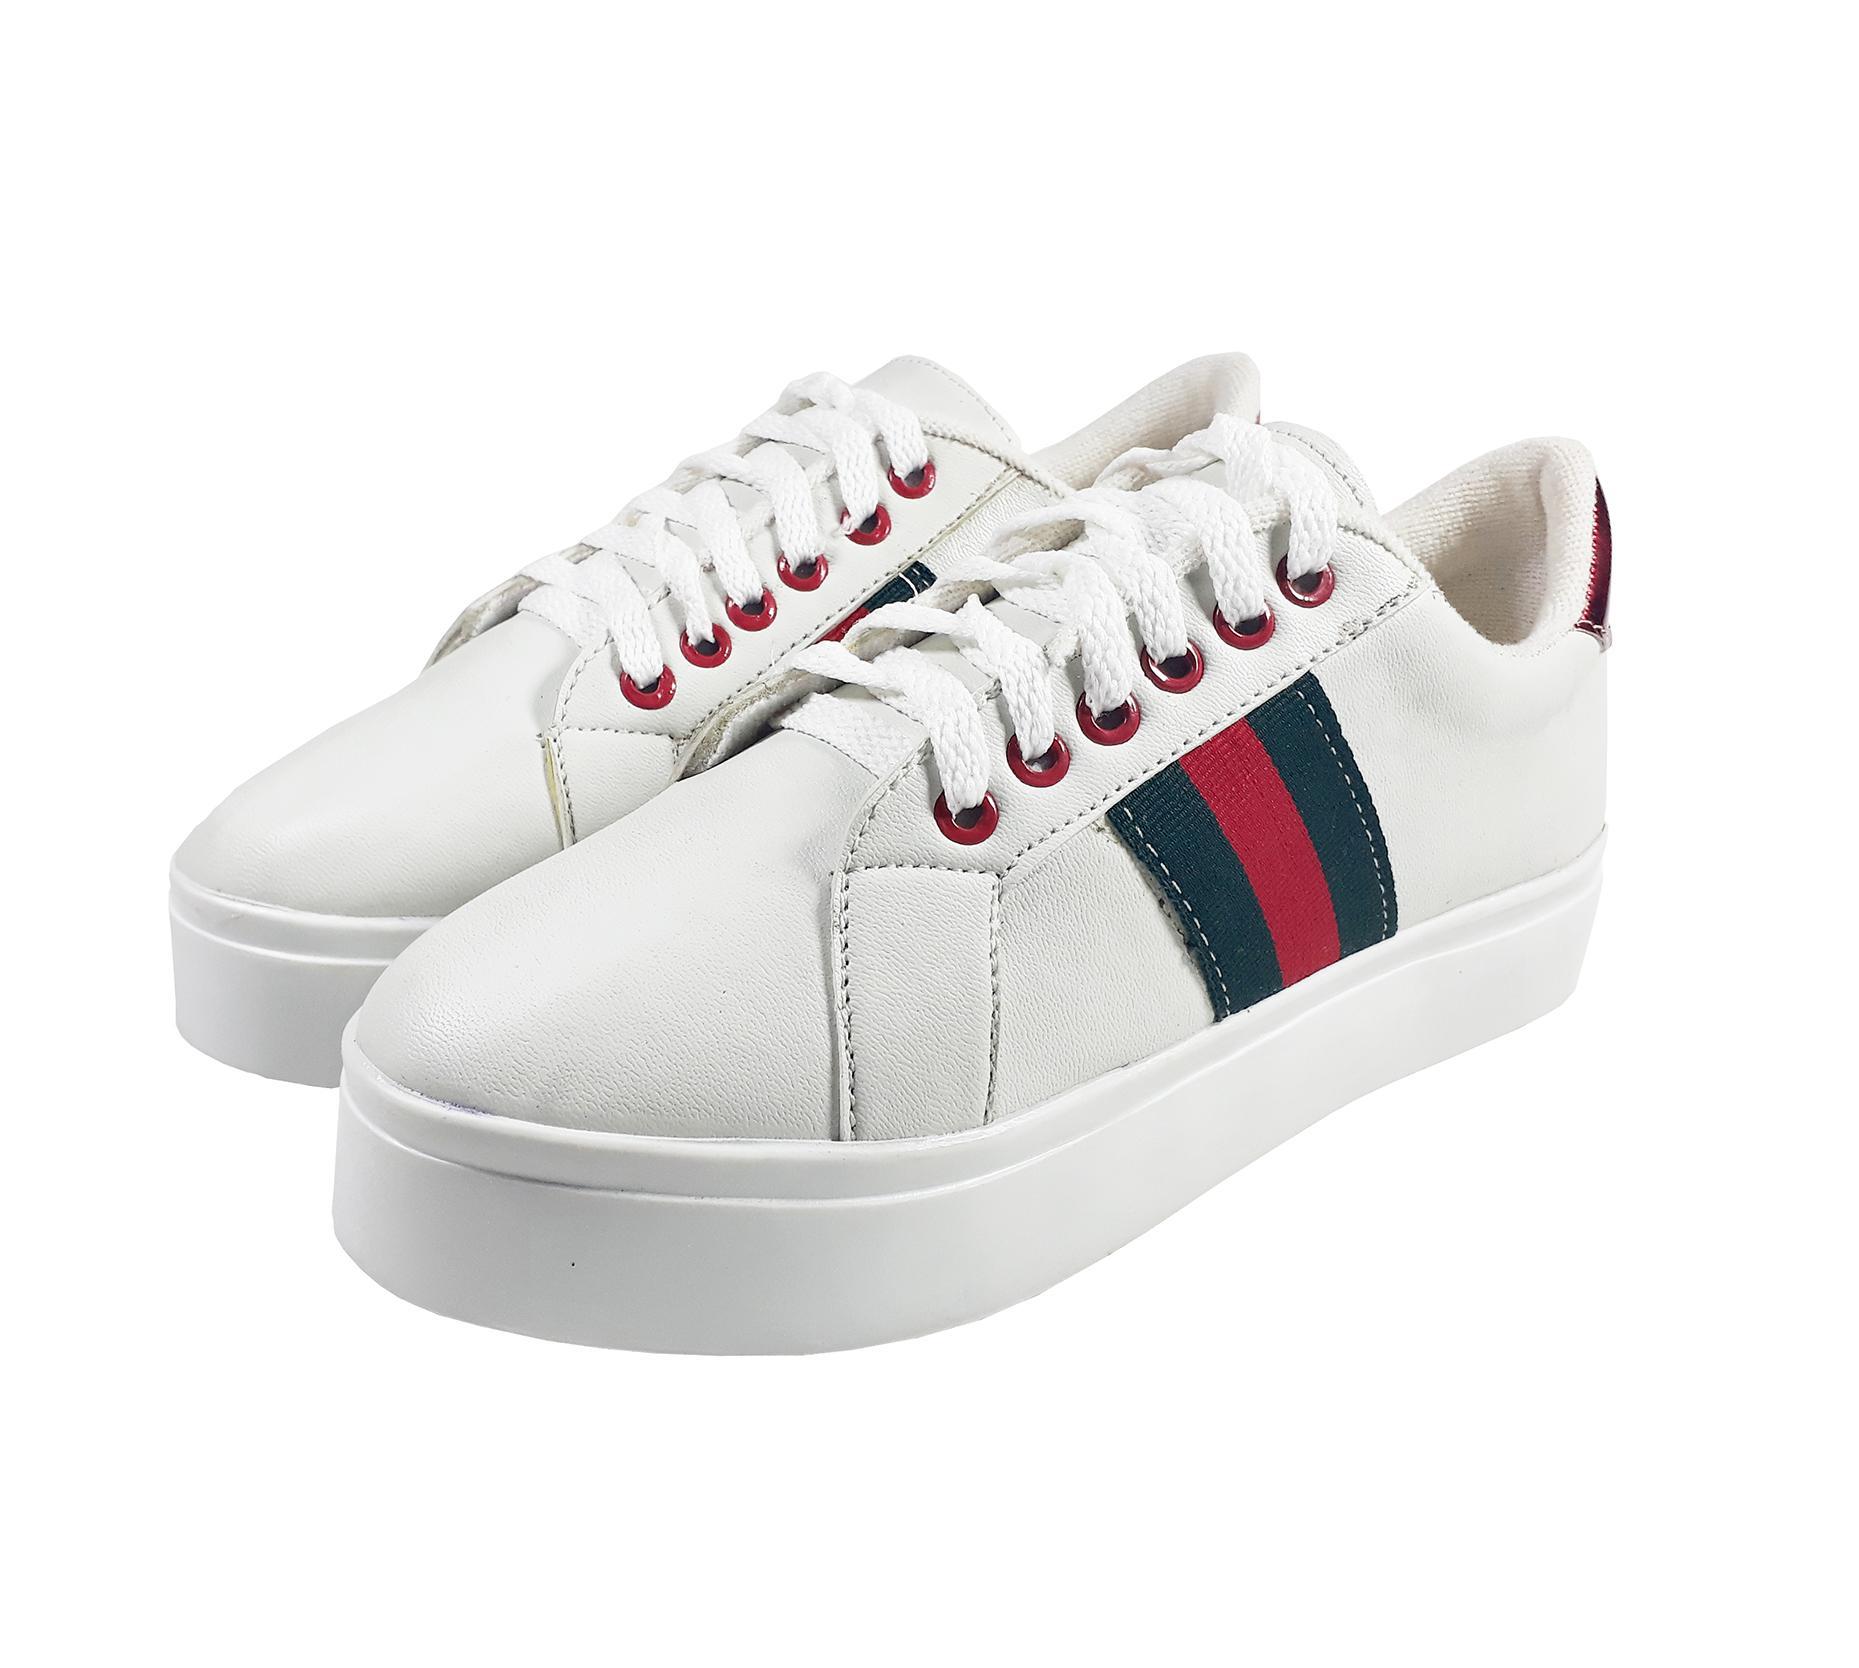 Detail Gambar Sepatu Kets Sneakers Wanita Fashion Model GC SP 01 Warna Putih Terbaru